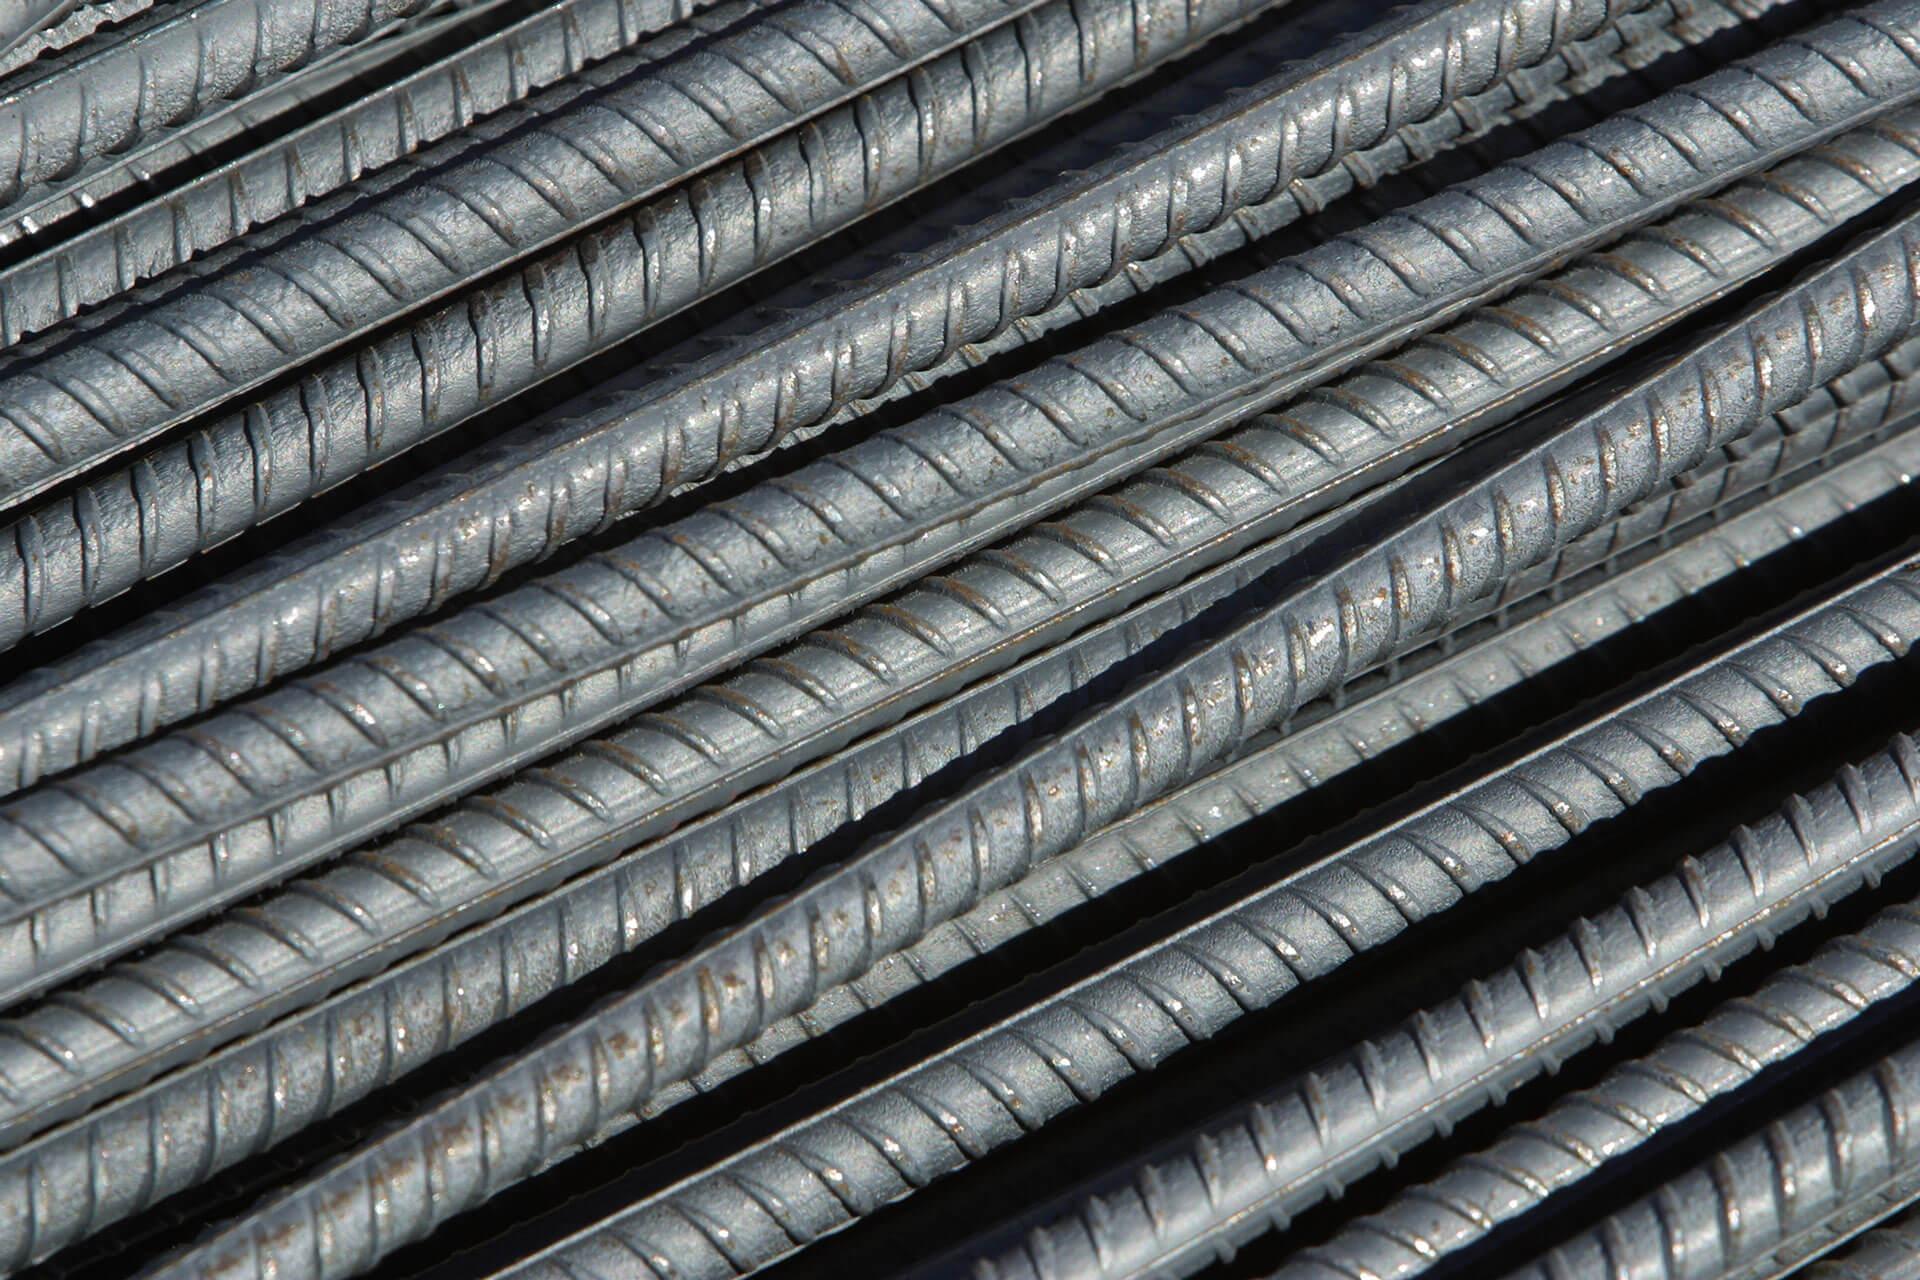 Steel Bar 171 Kimmu